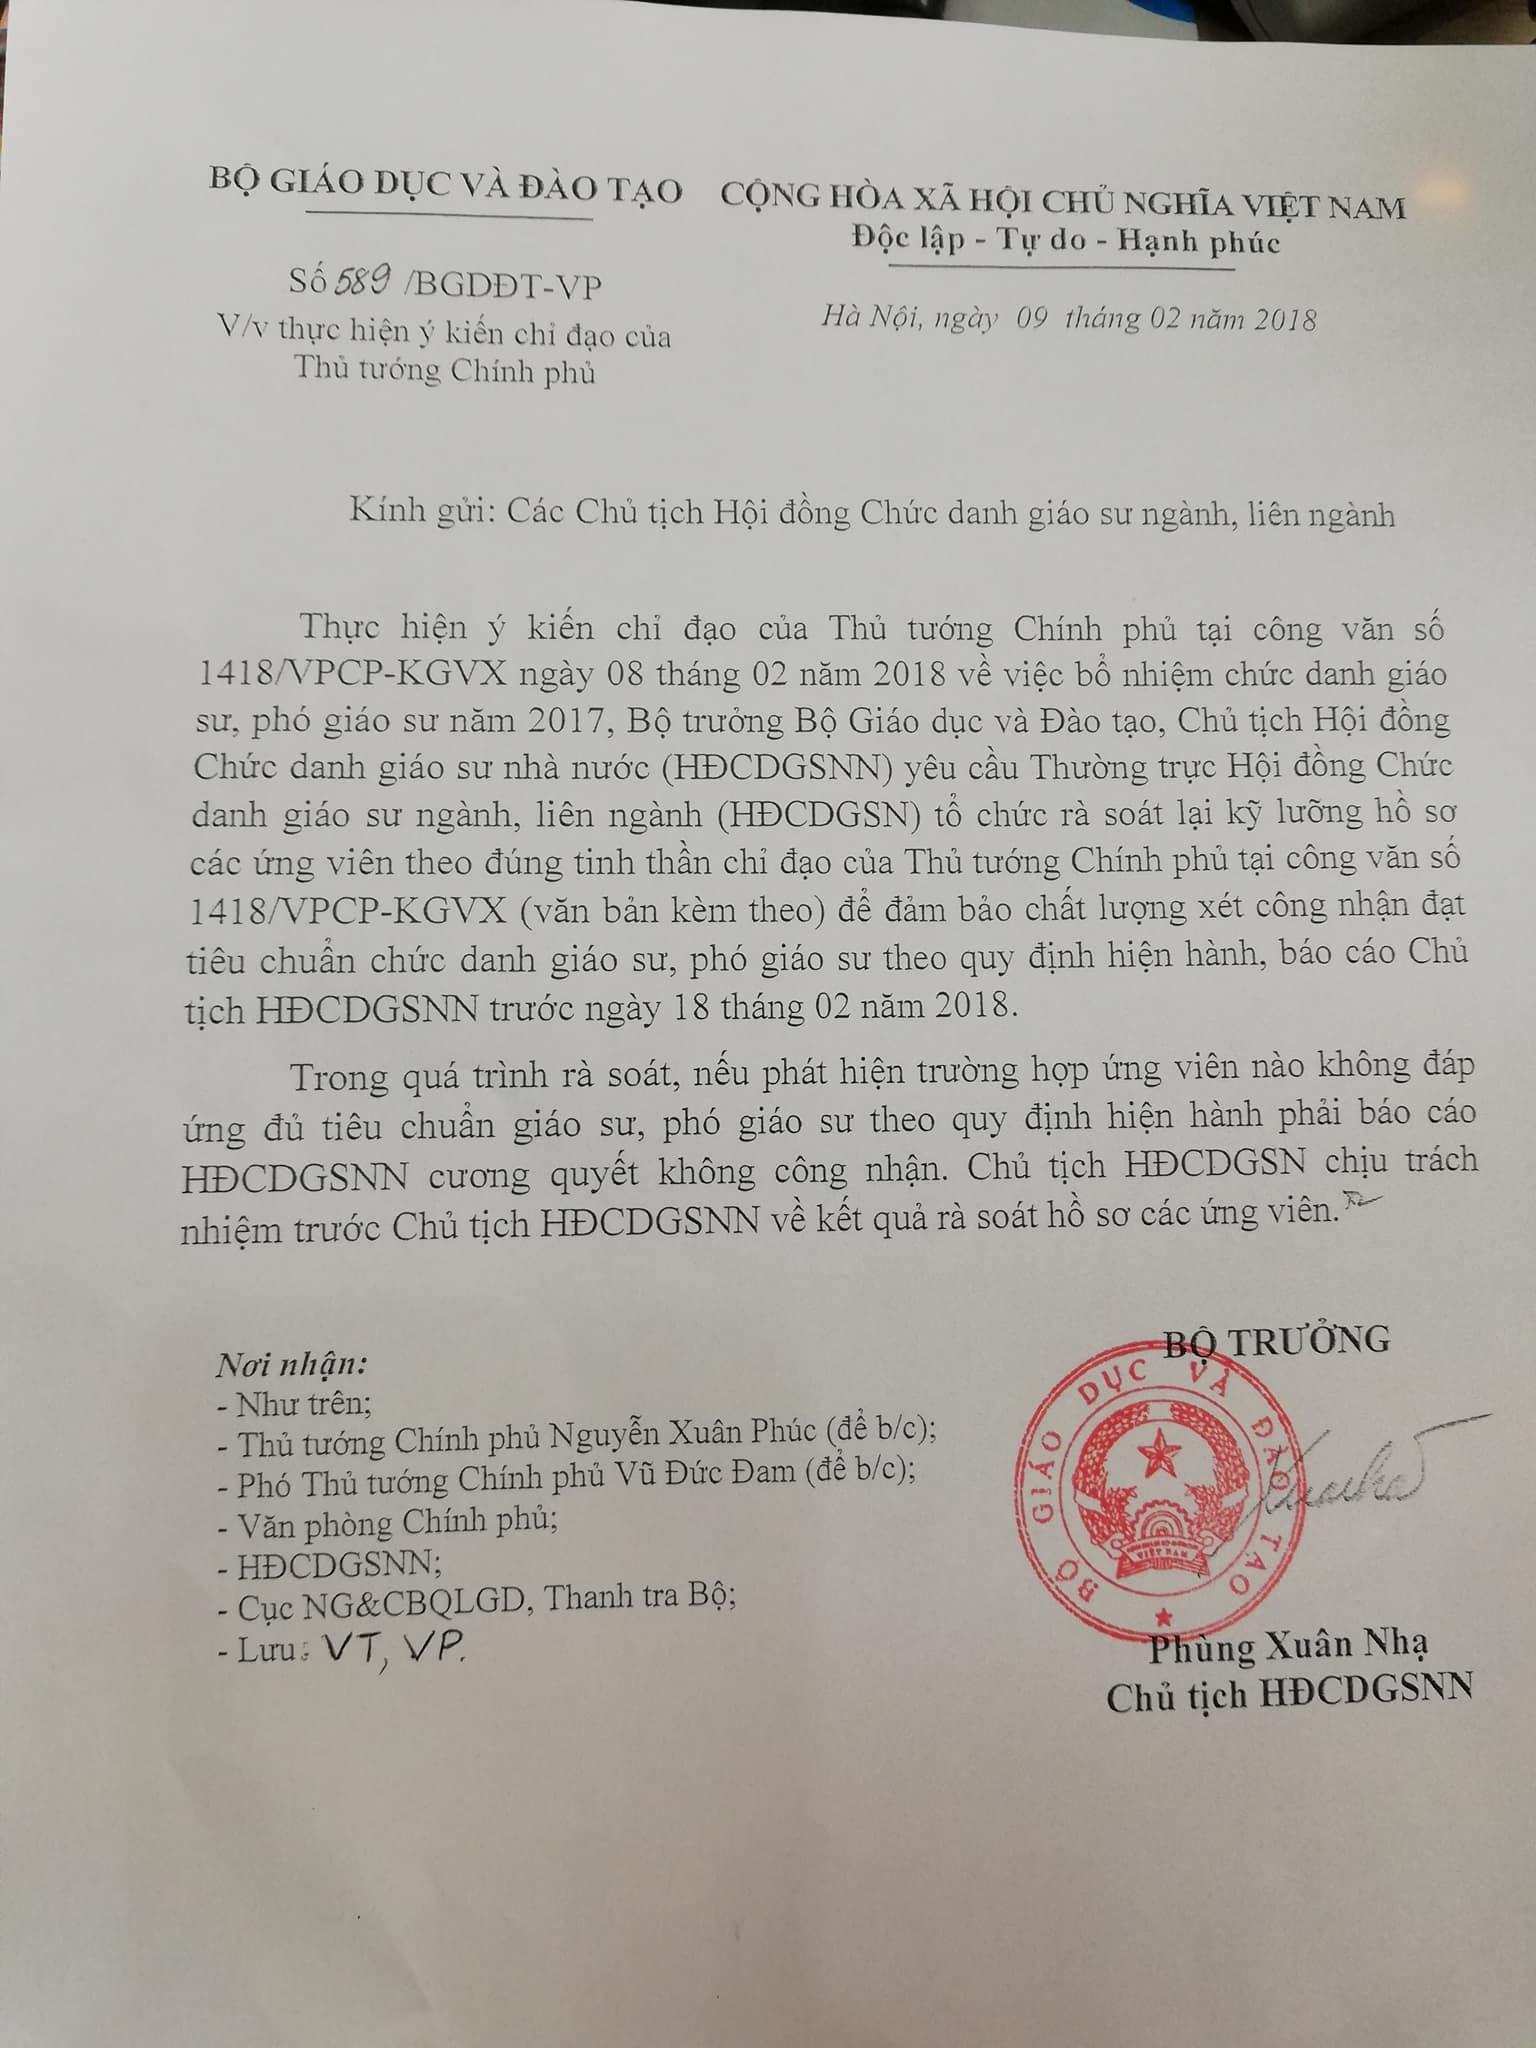 Bộ trưởng Phùng Xuân Nhạ: 'Cương quyết không công nhận ứng viên thiếu chuẩn GS, PGS'